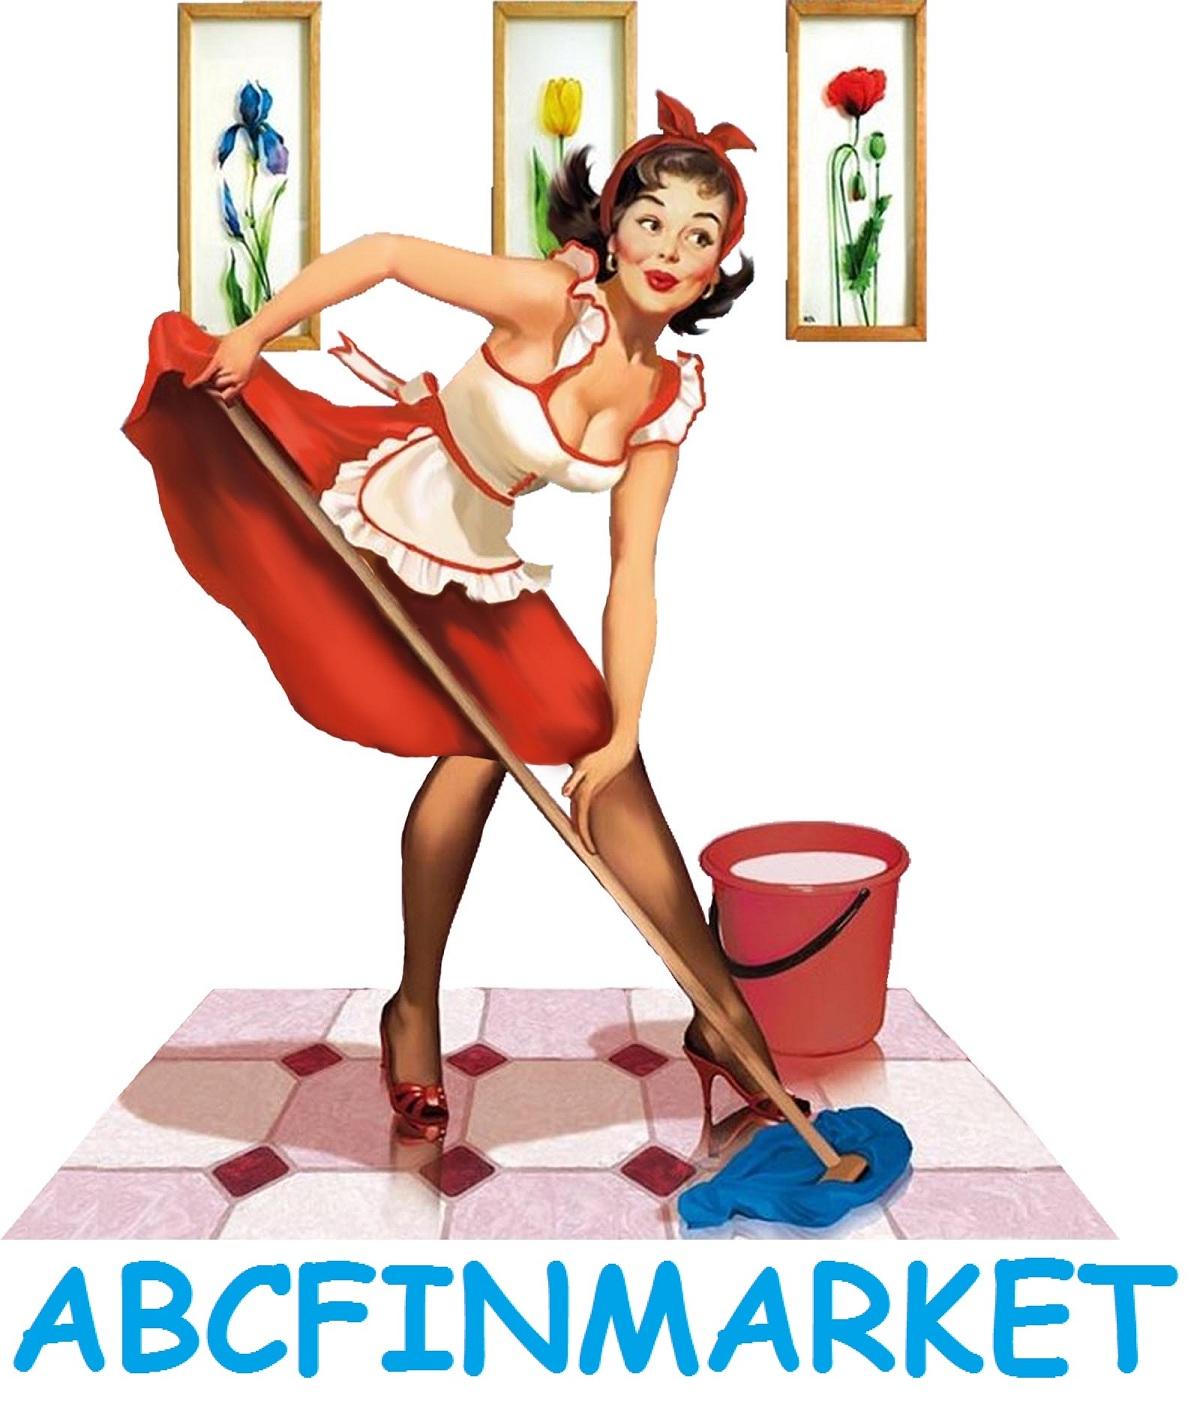 хозяйственные товары, уборка квартир, формы, швабры, сушилки для белья, TESCOMA, SINI